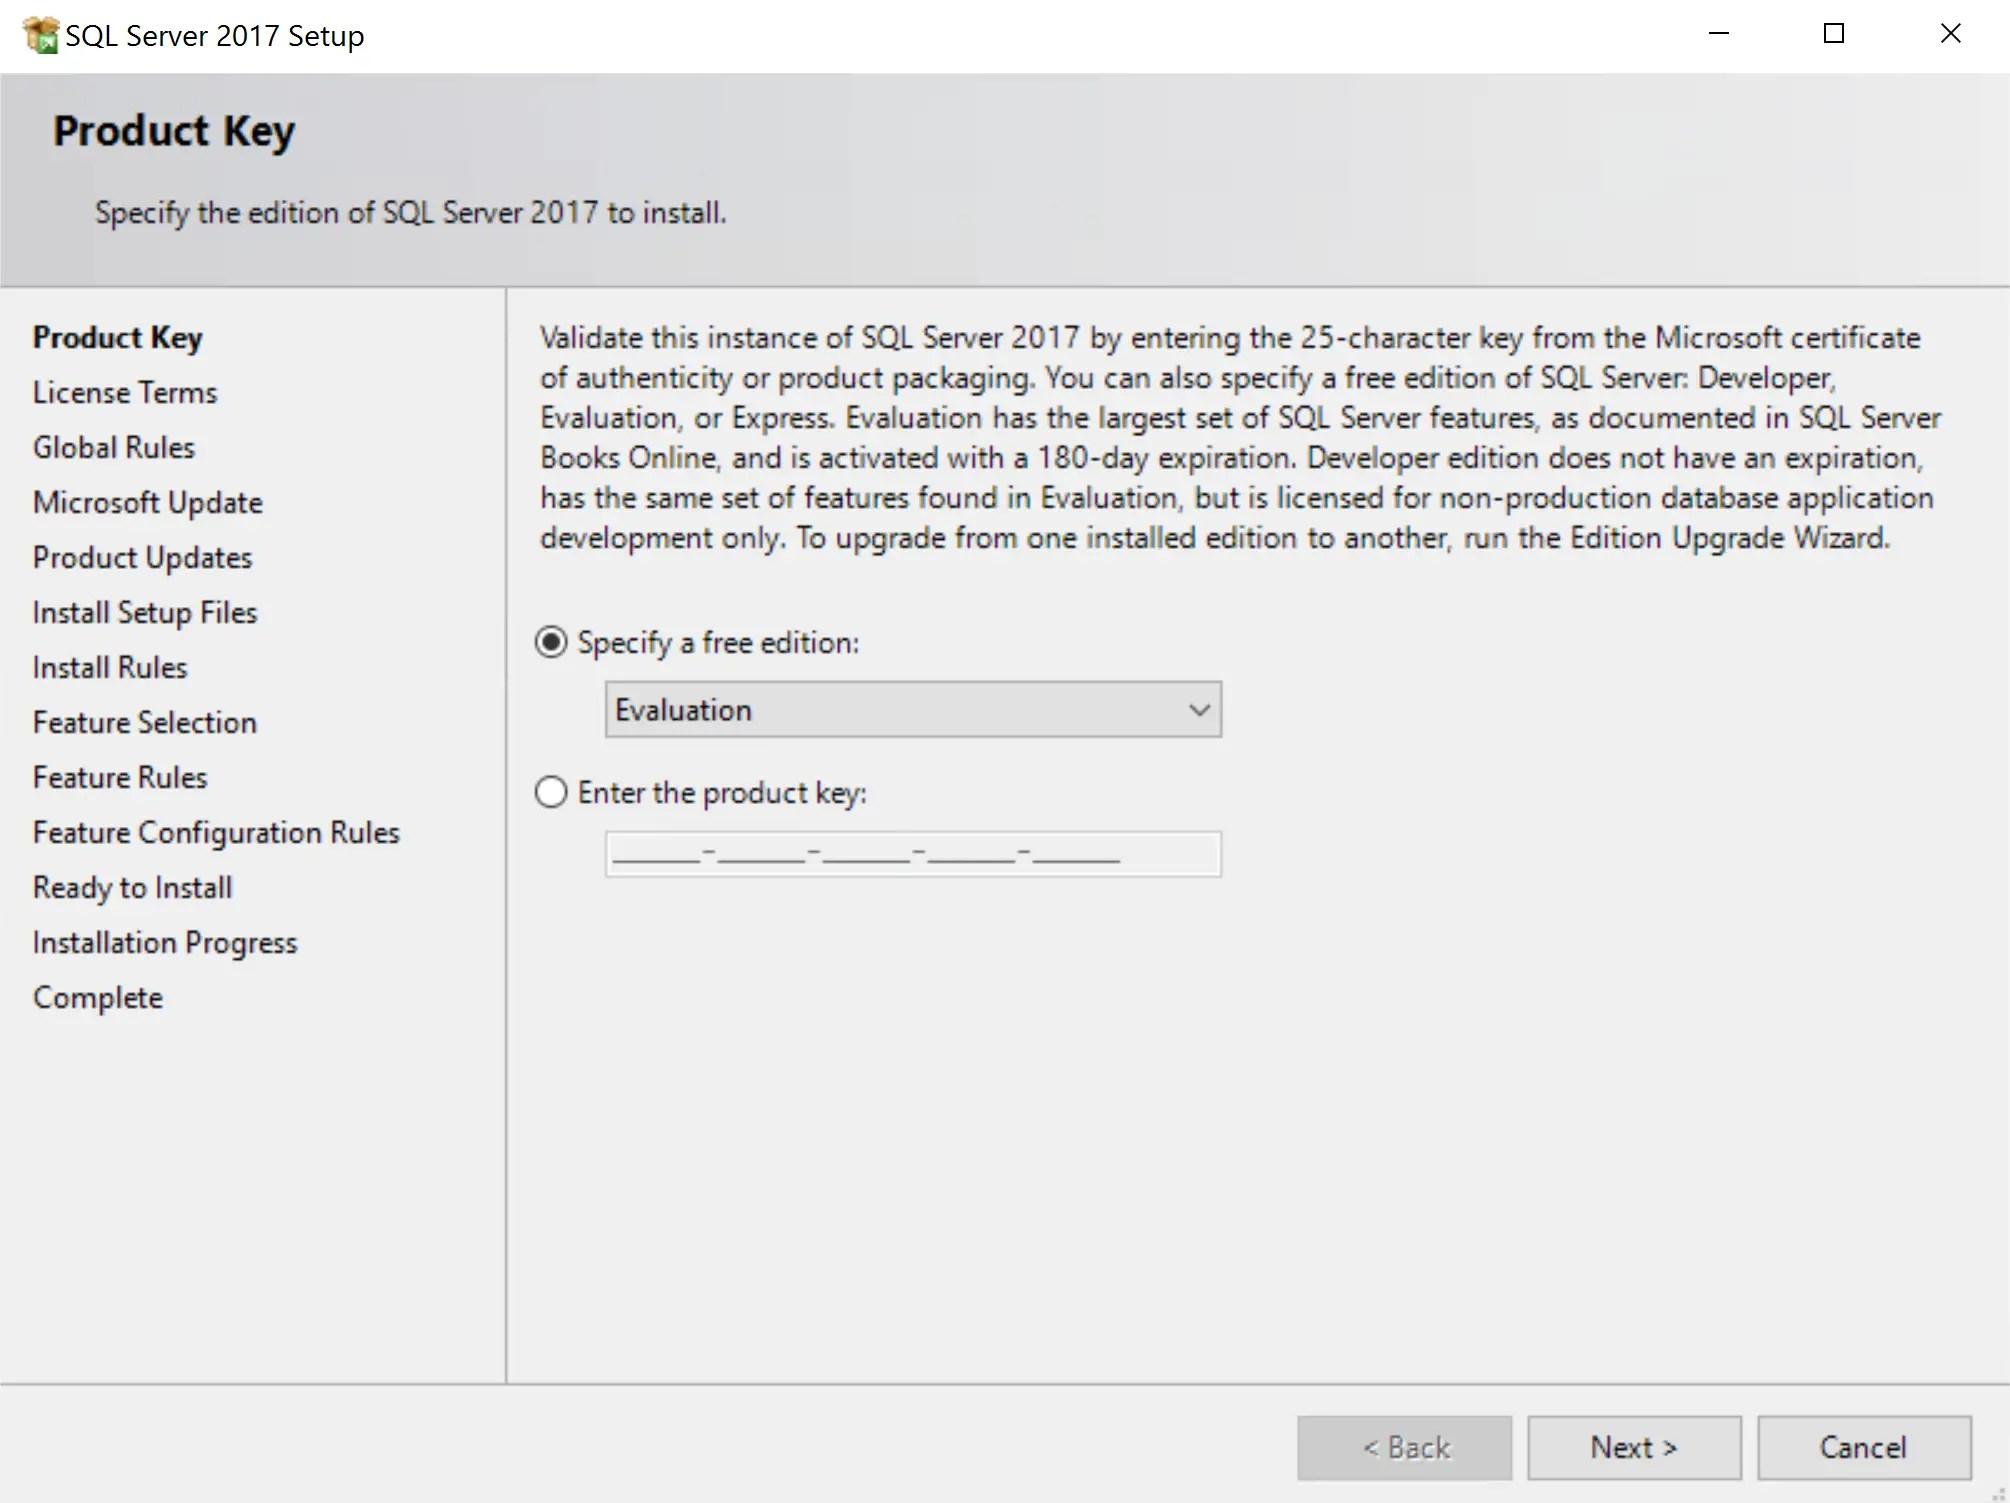 SQL Server 2017 Step by step for SCCM Installation 3